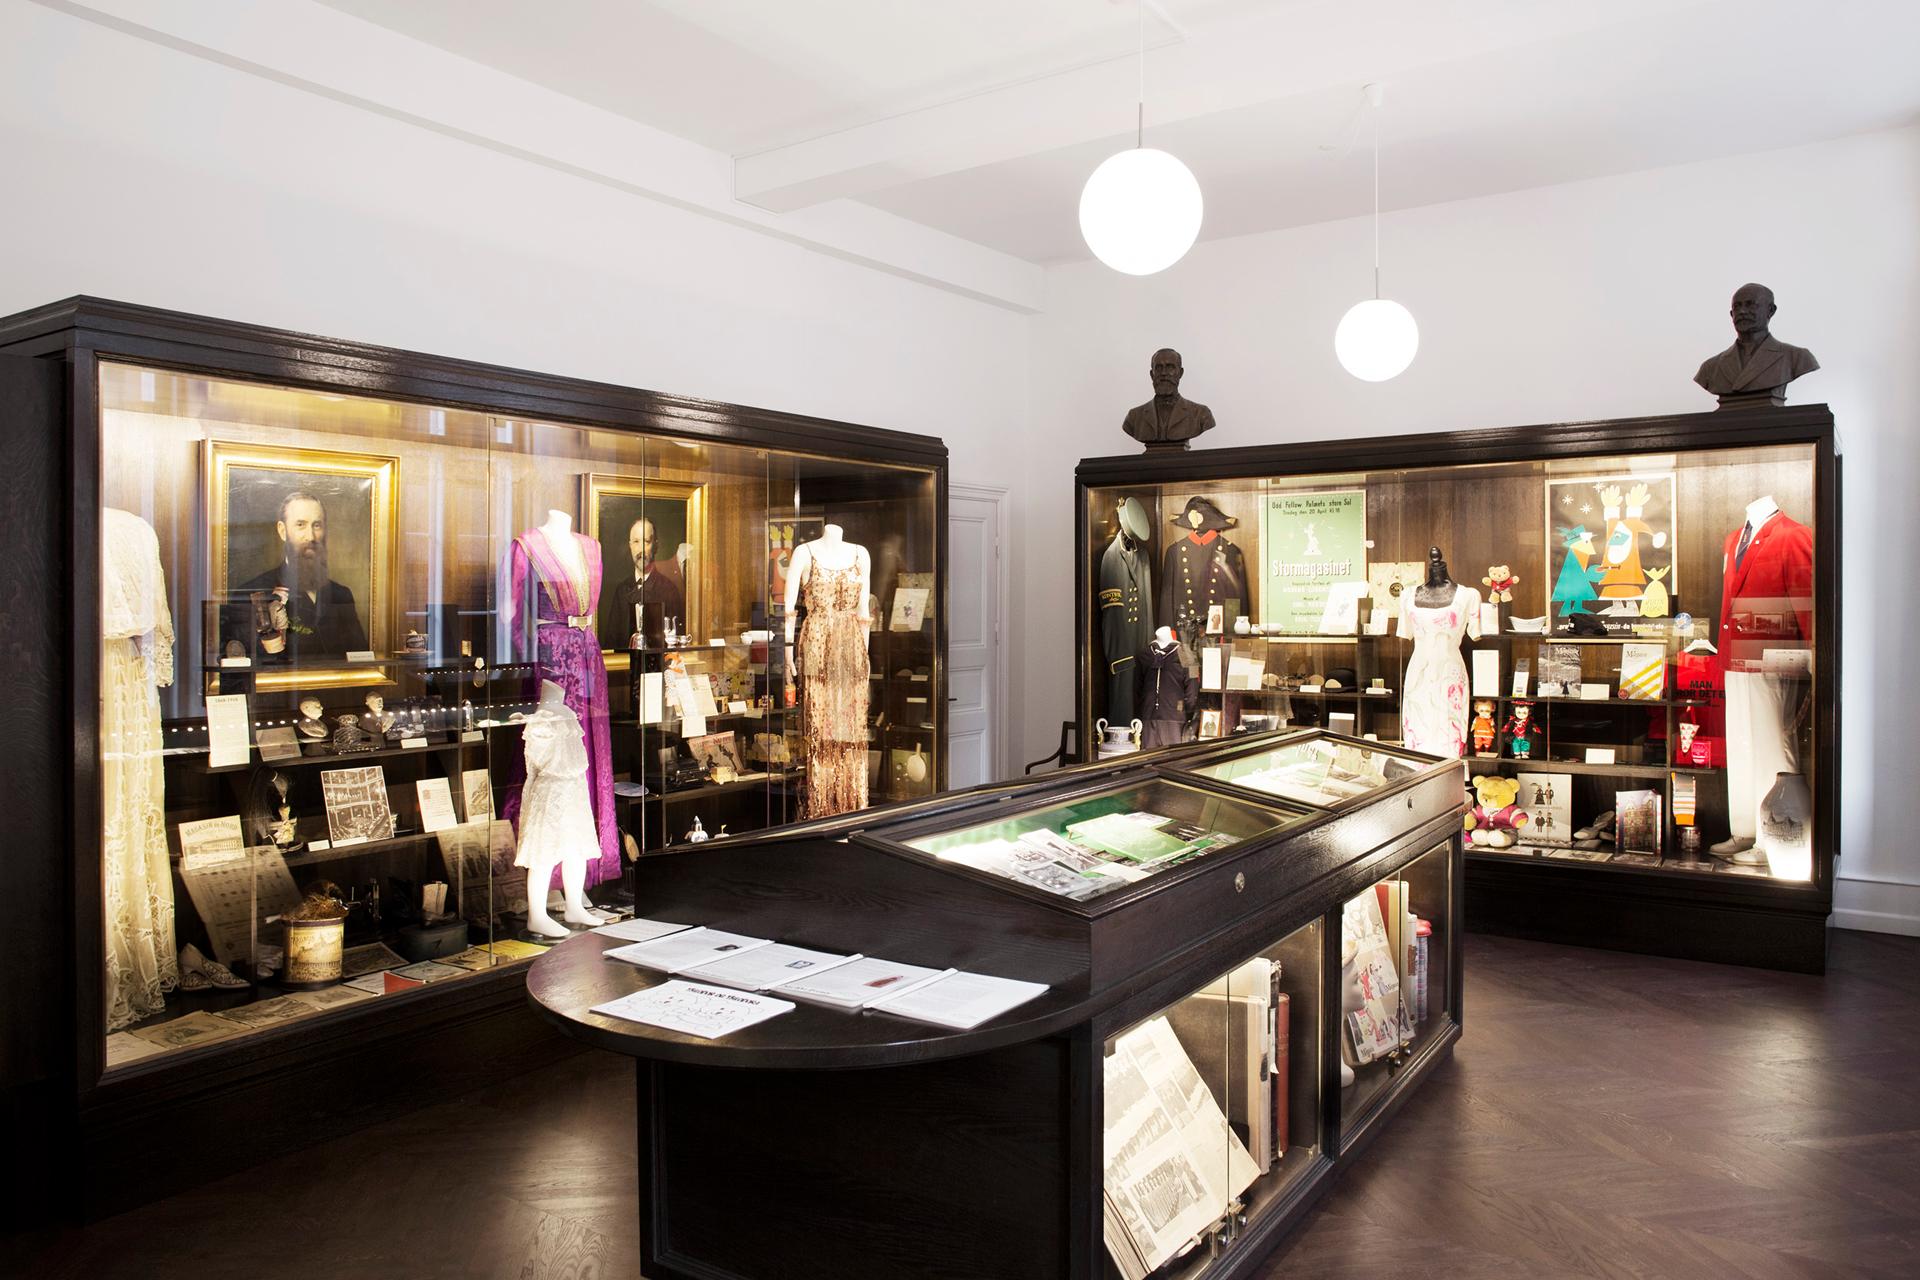 magasindunordmuseum2